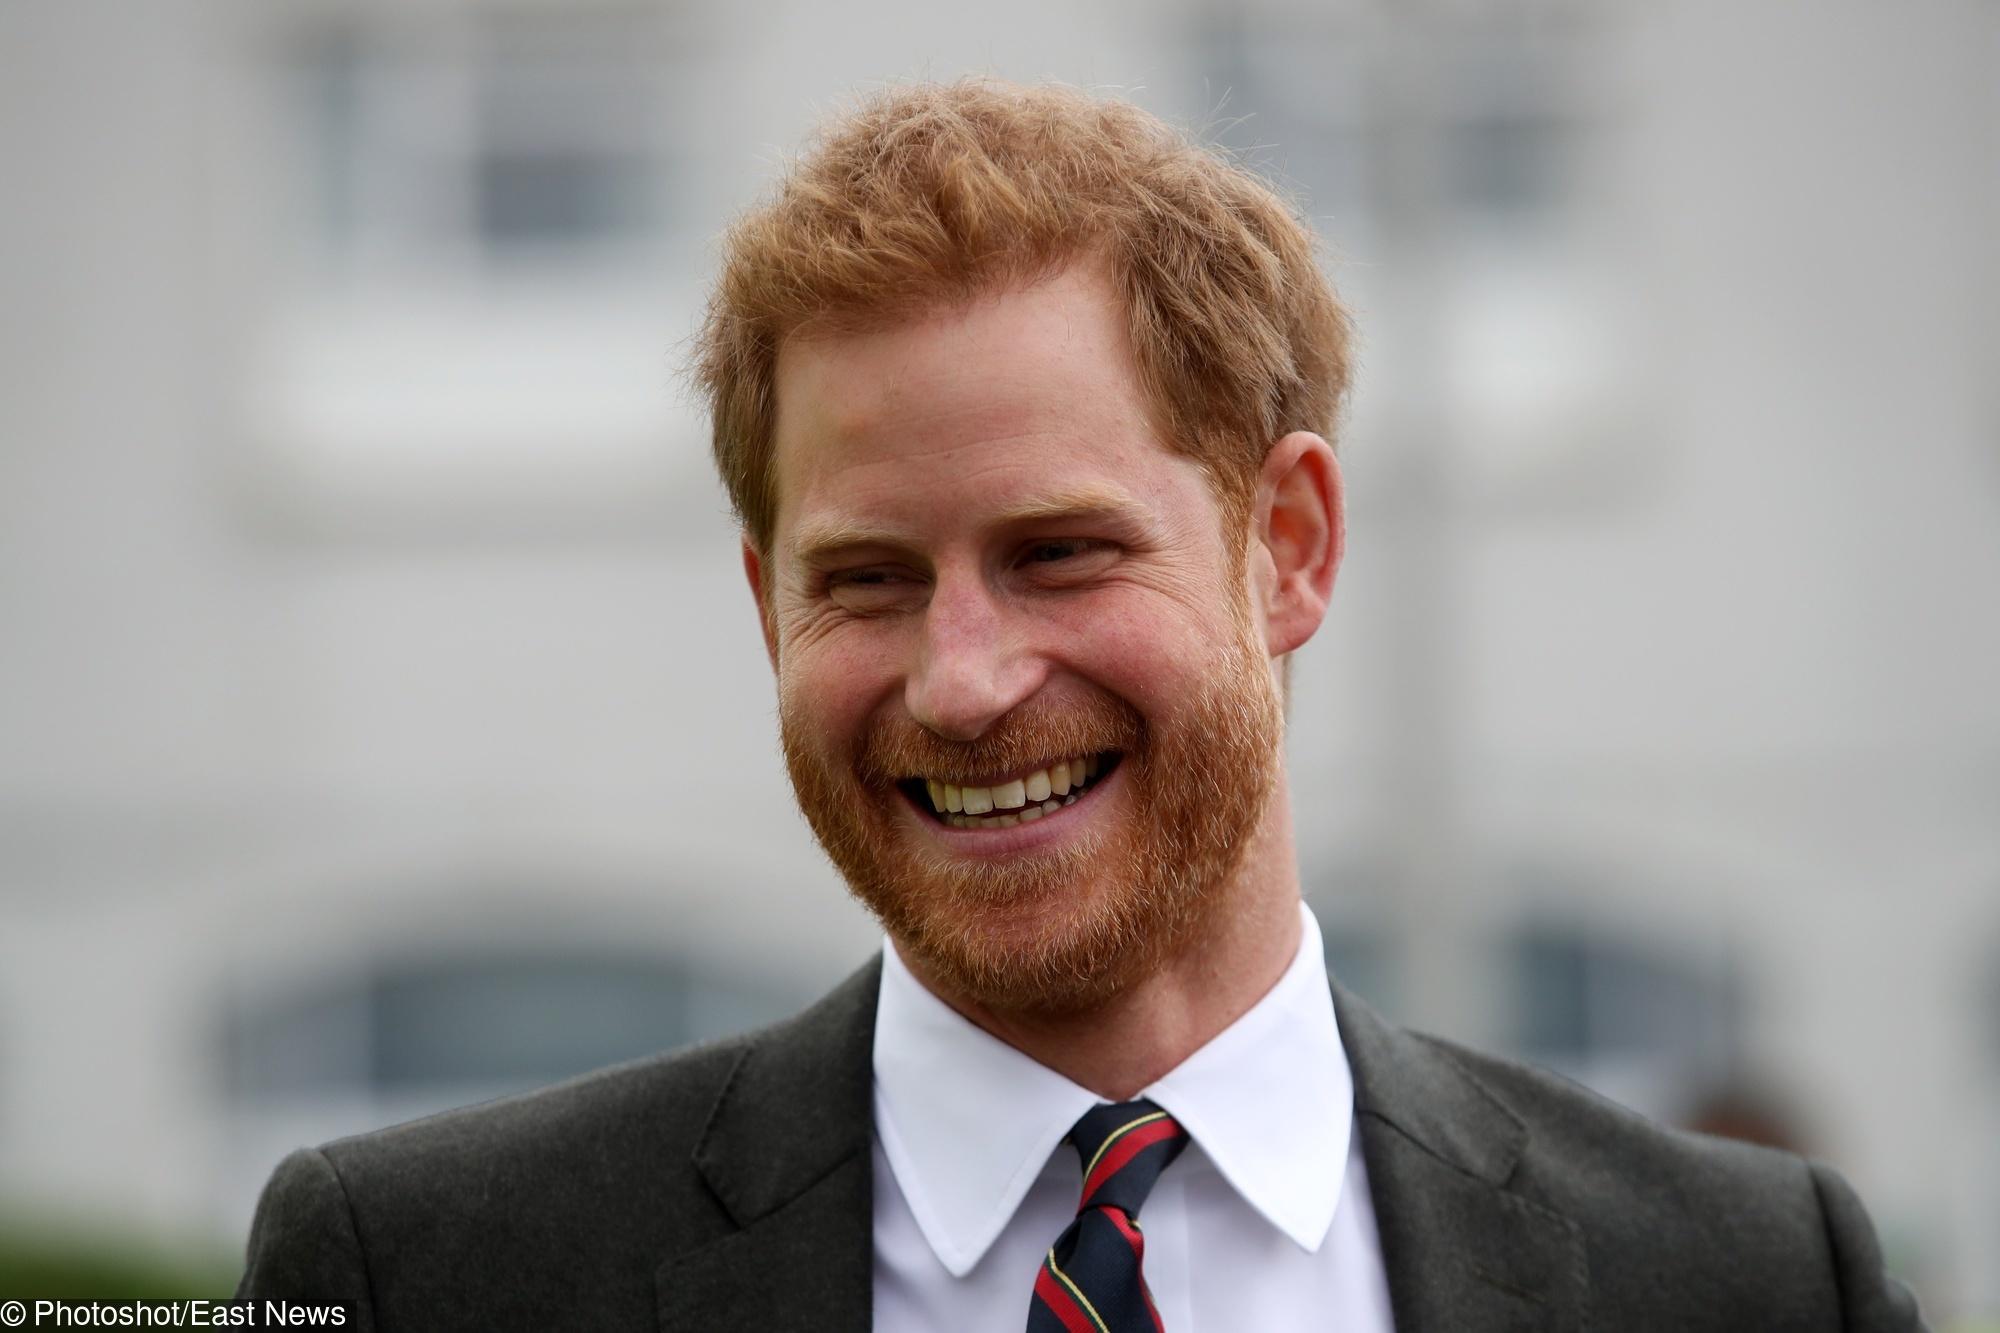 Książę Harry nie chce mieć dzieci. Byłby zazdrosny o ...